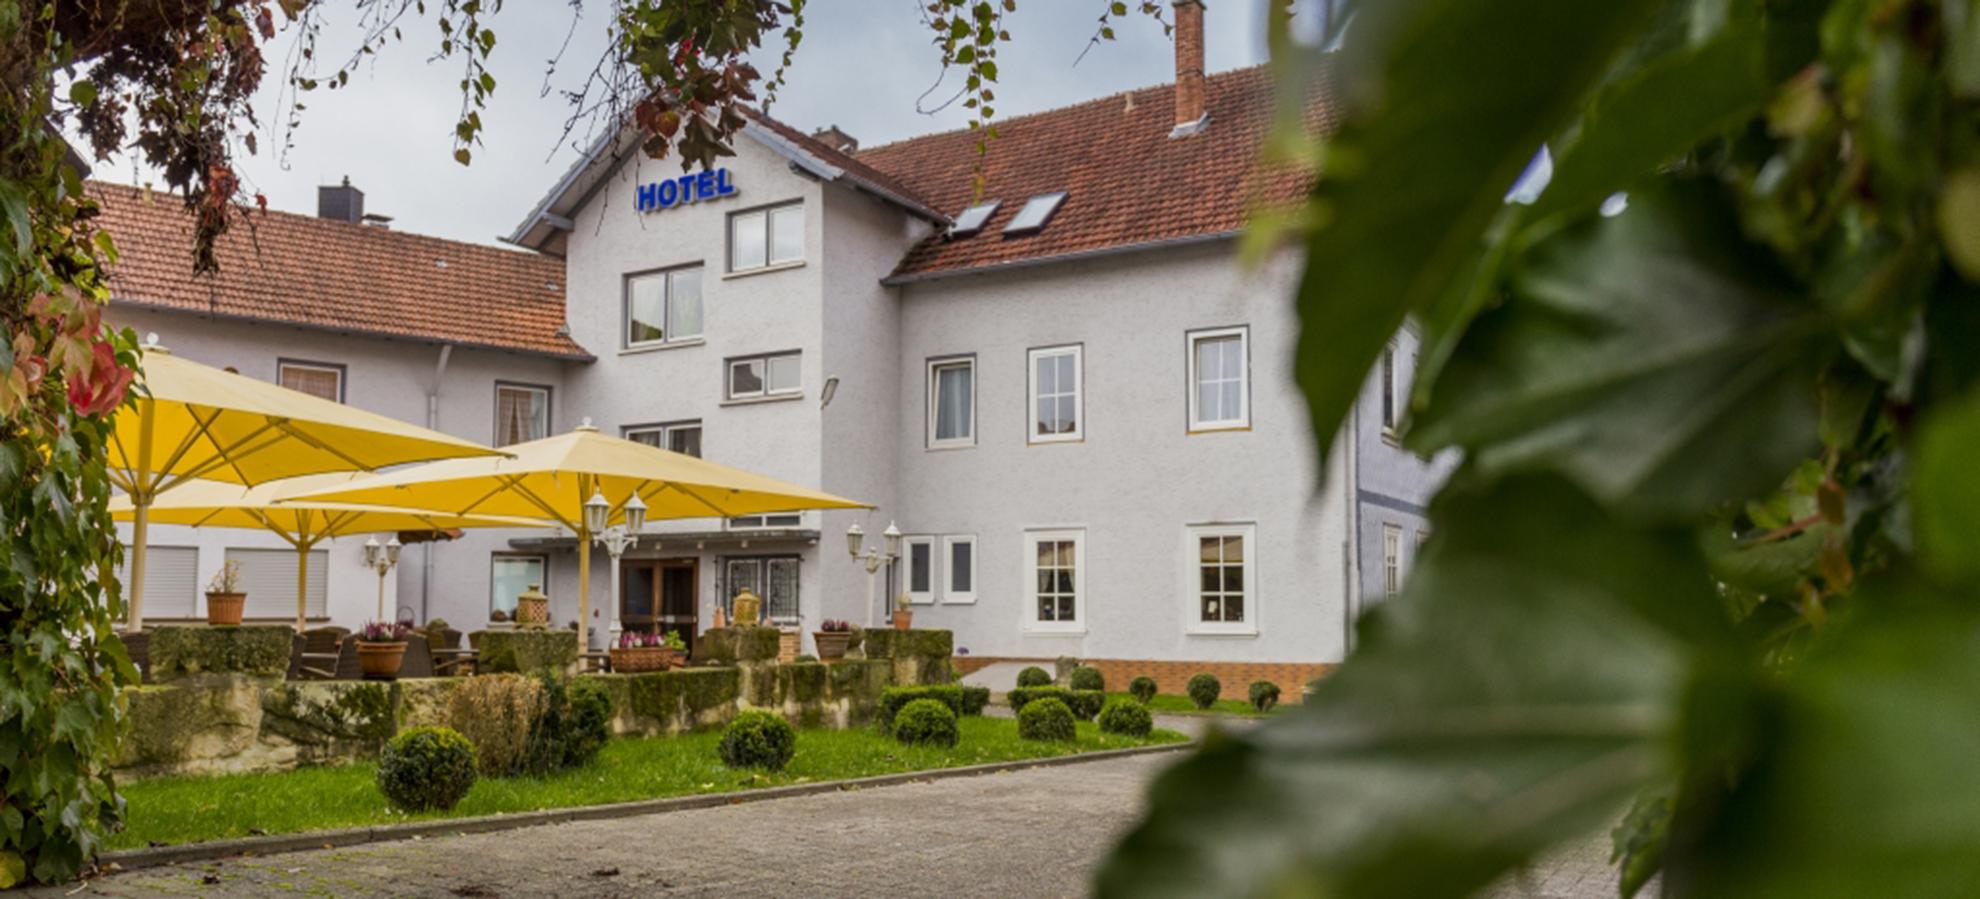 HotelHimmelblau